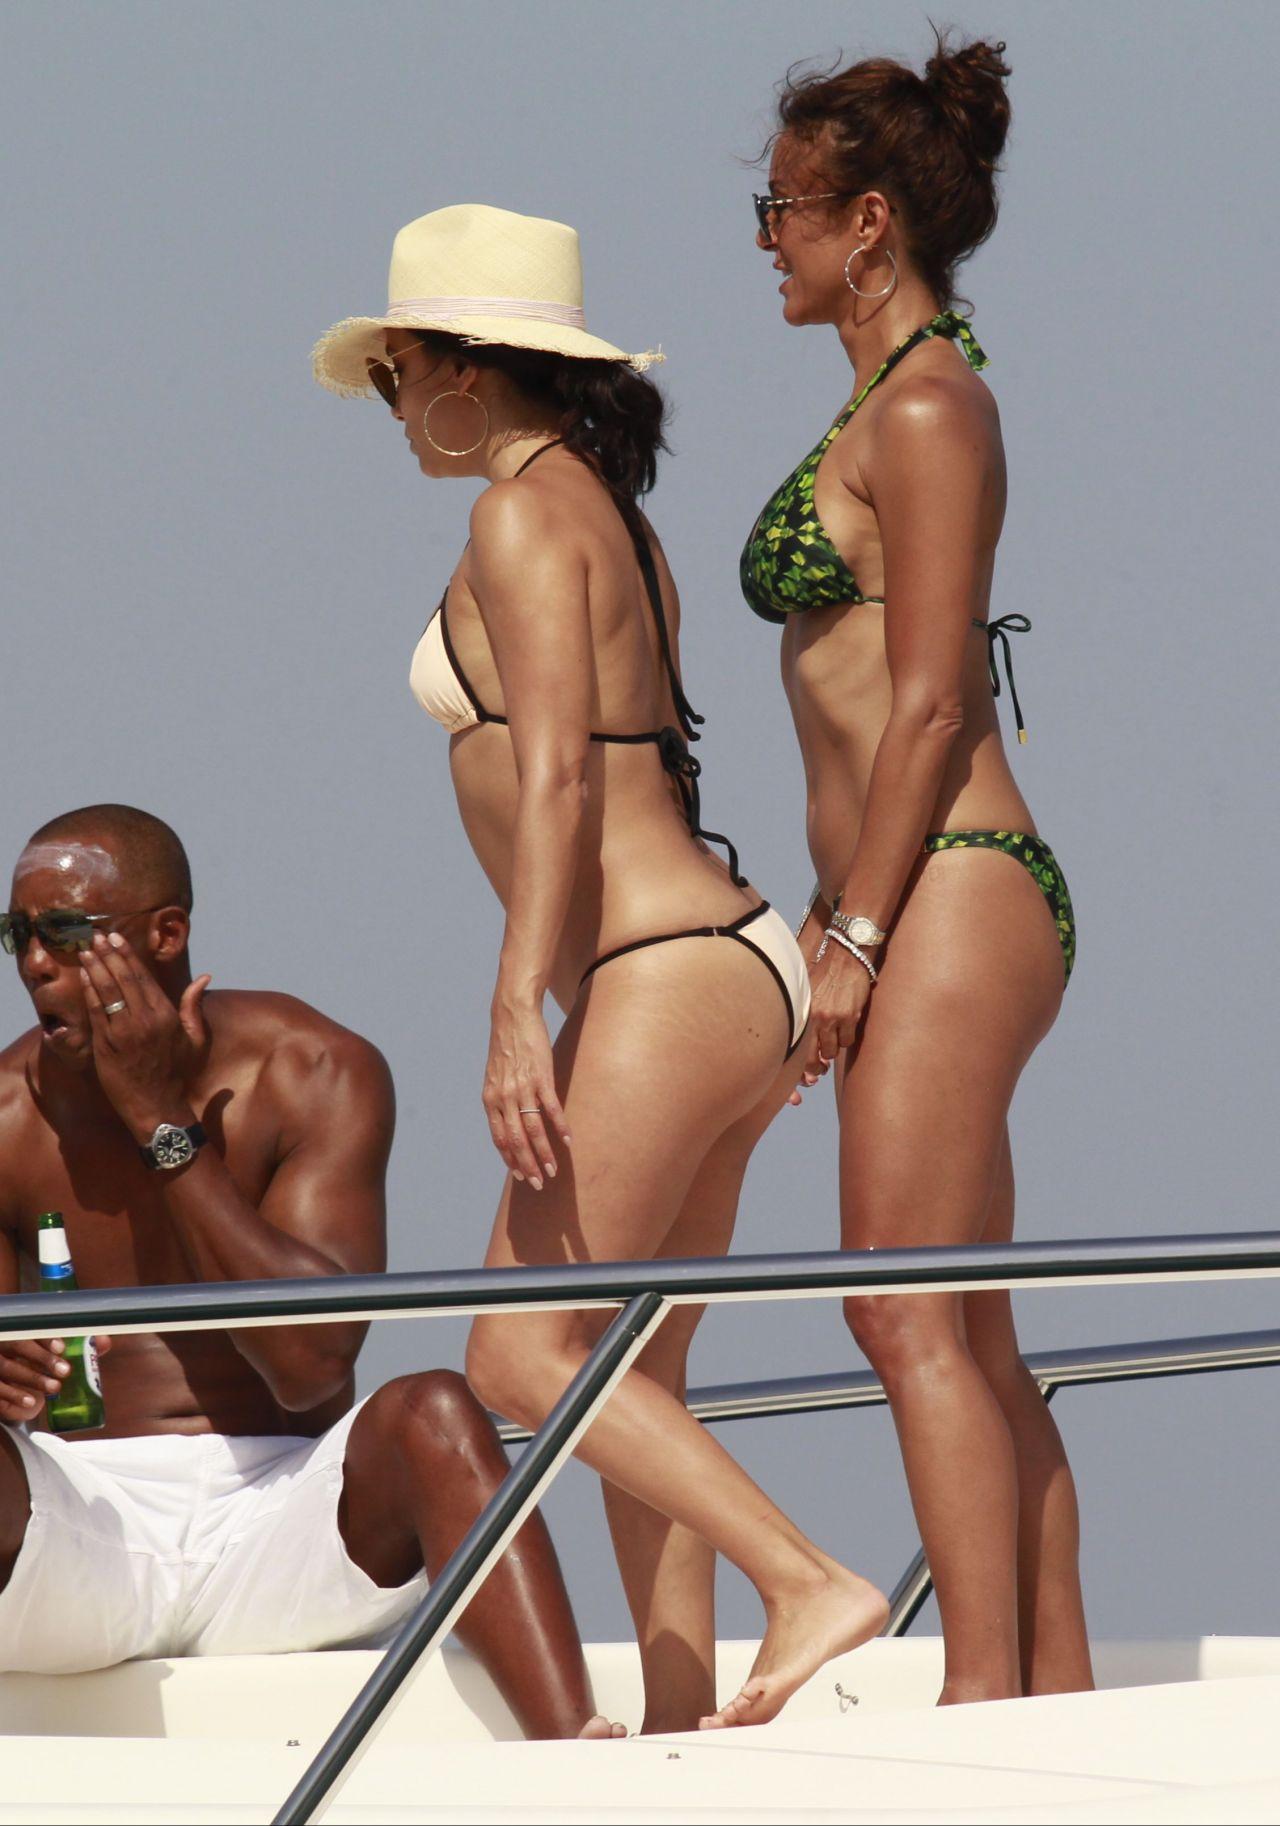 Eva larue bikini